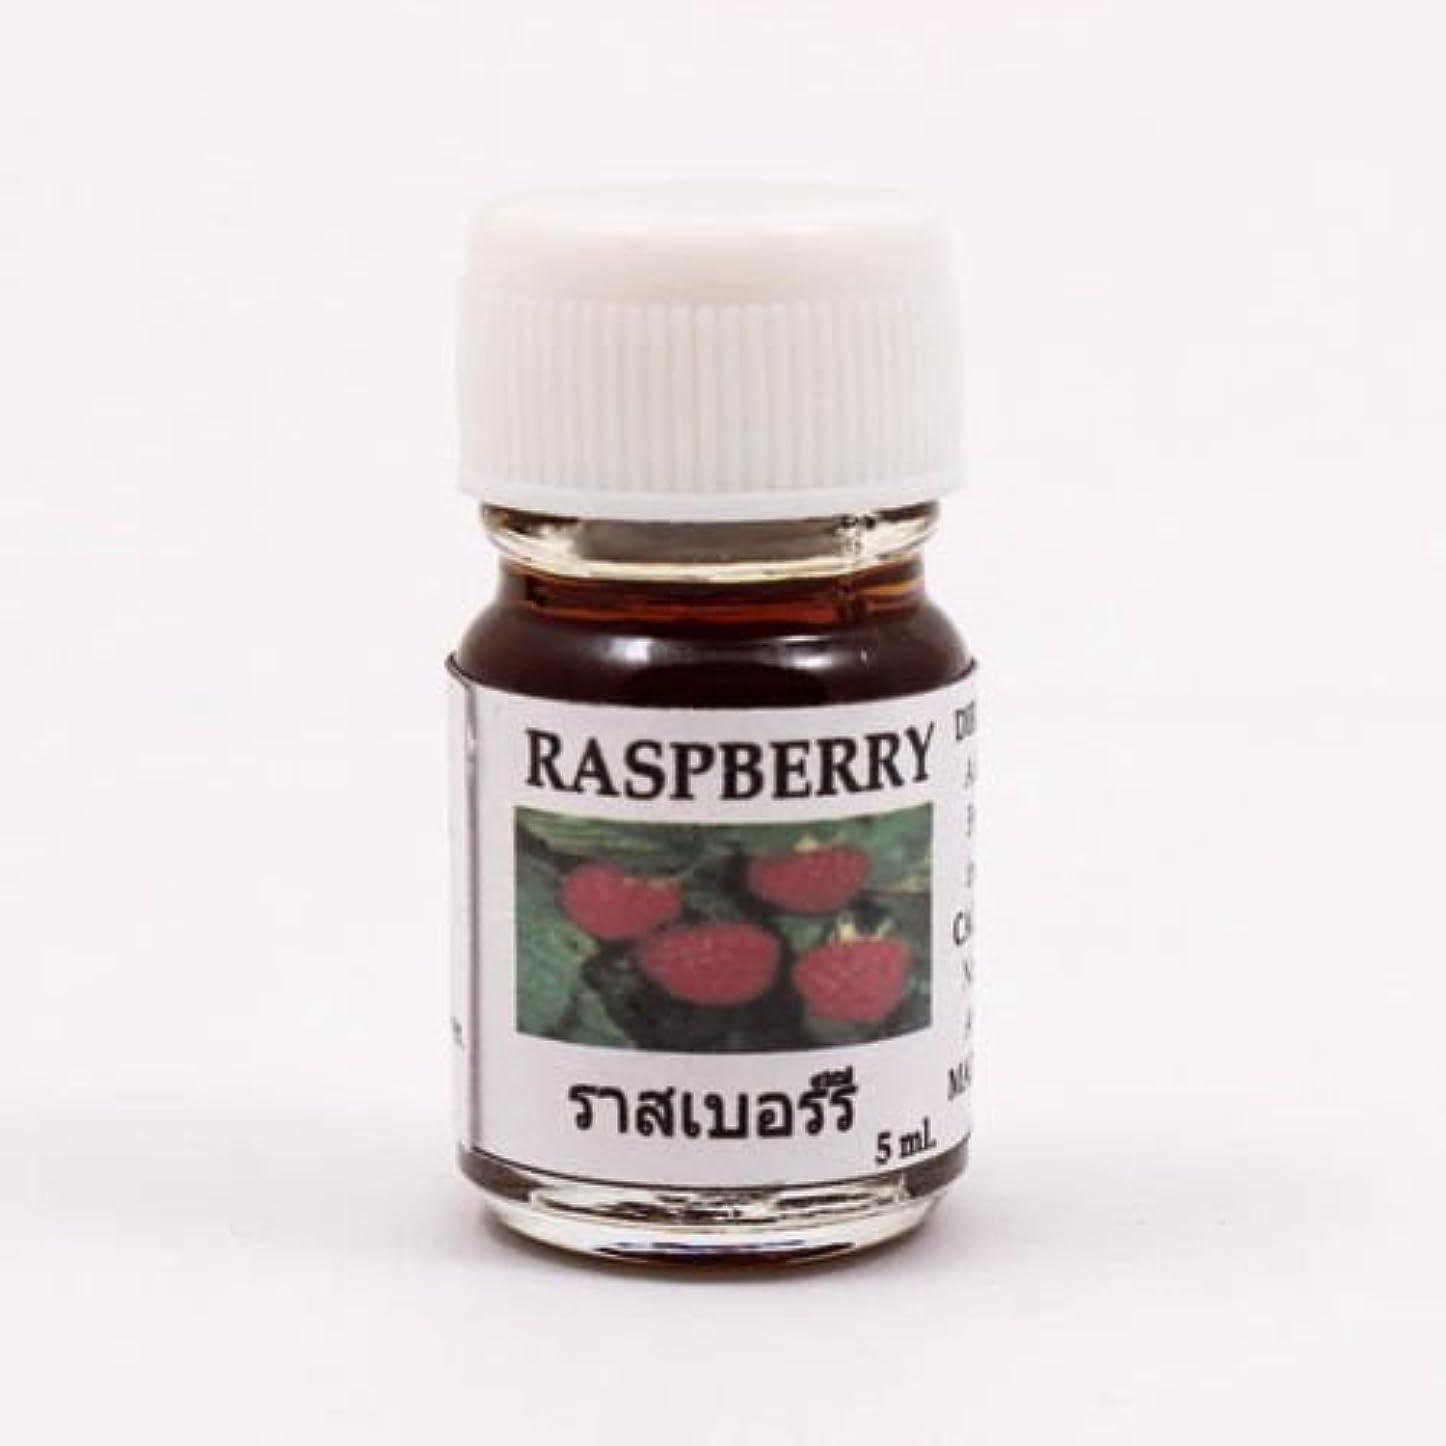 まさに早めるアリ6X Raspberry Aroma Fragrance Essential Oil 5ML cc Diffuser Burner Therapy